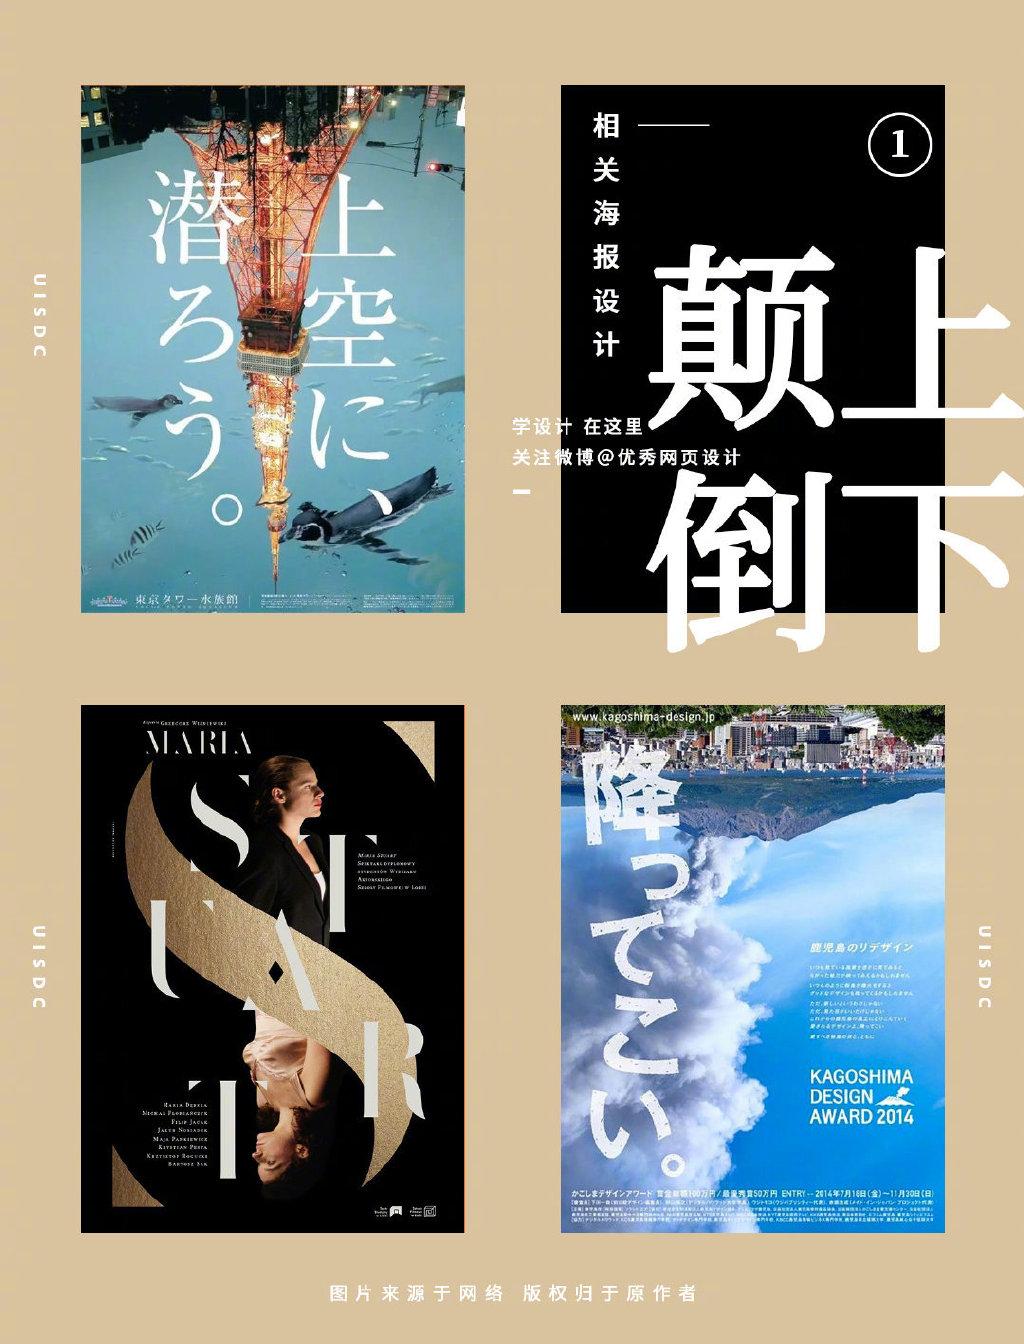 9种海报中图片素材处理的方法!